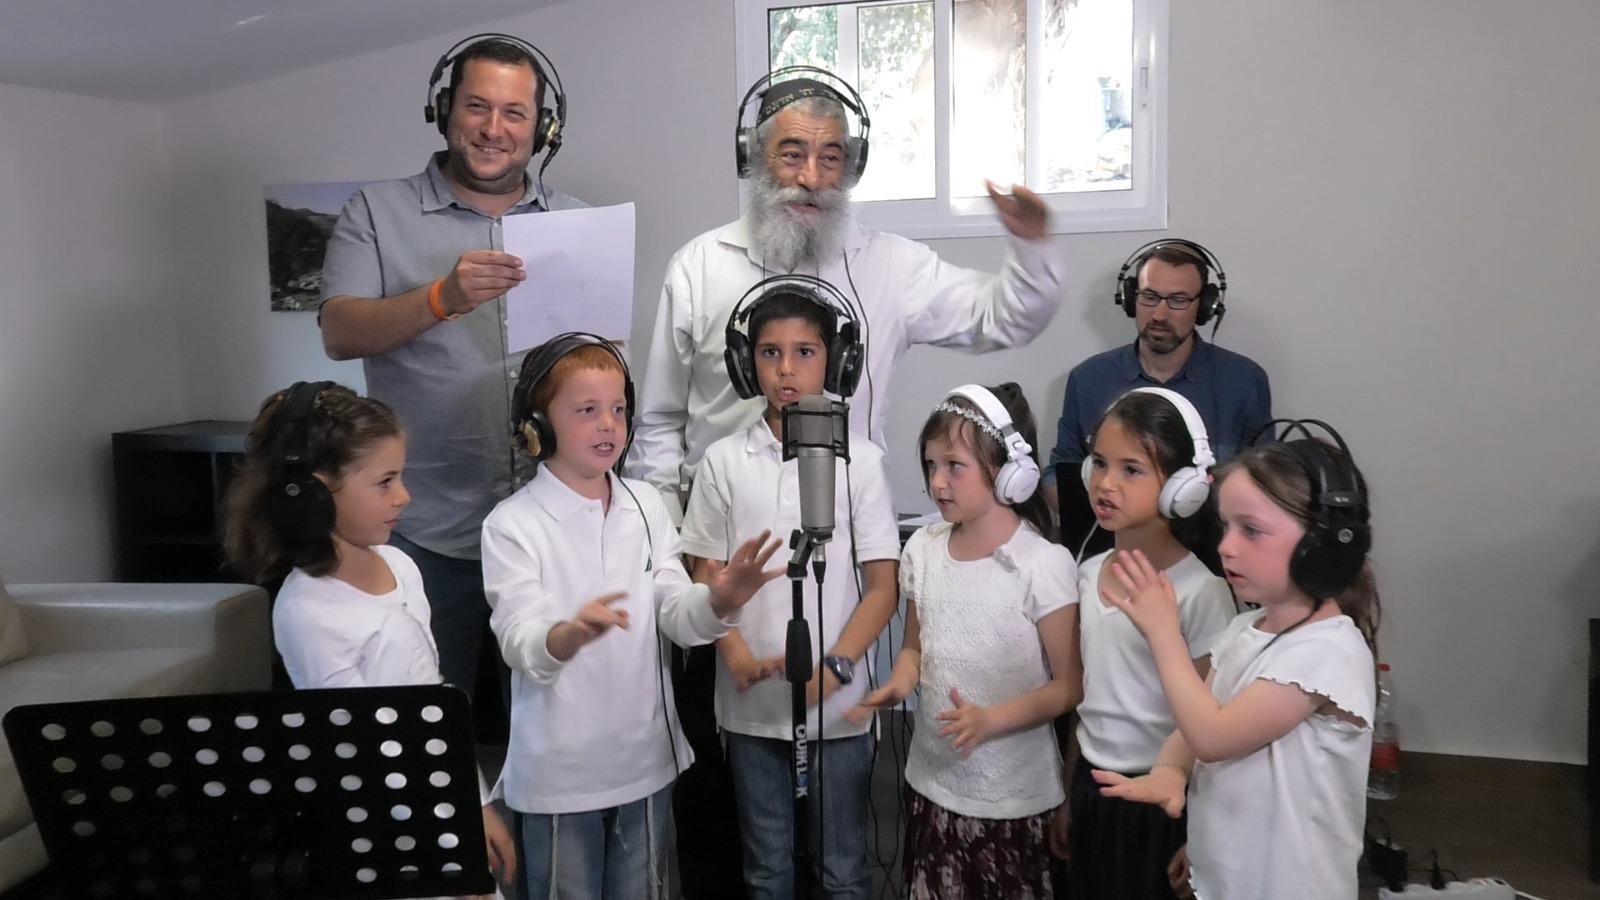 """שיר חדש לאריאל זילבר על השומרון: """"לעצור את החרם התרבותי השקט על השומרון"""""""